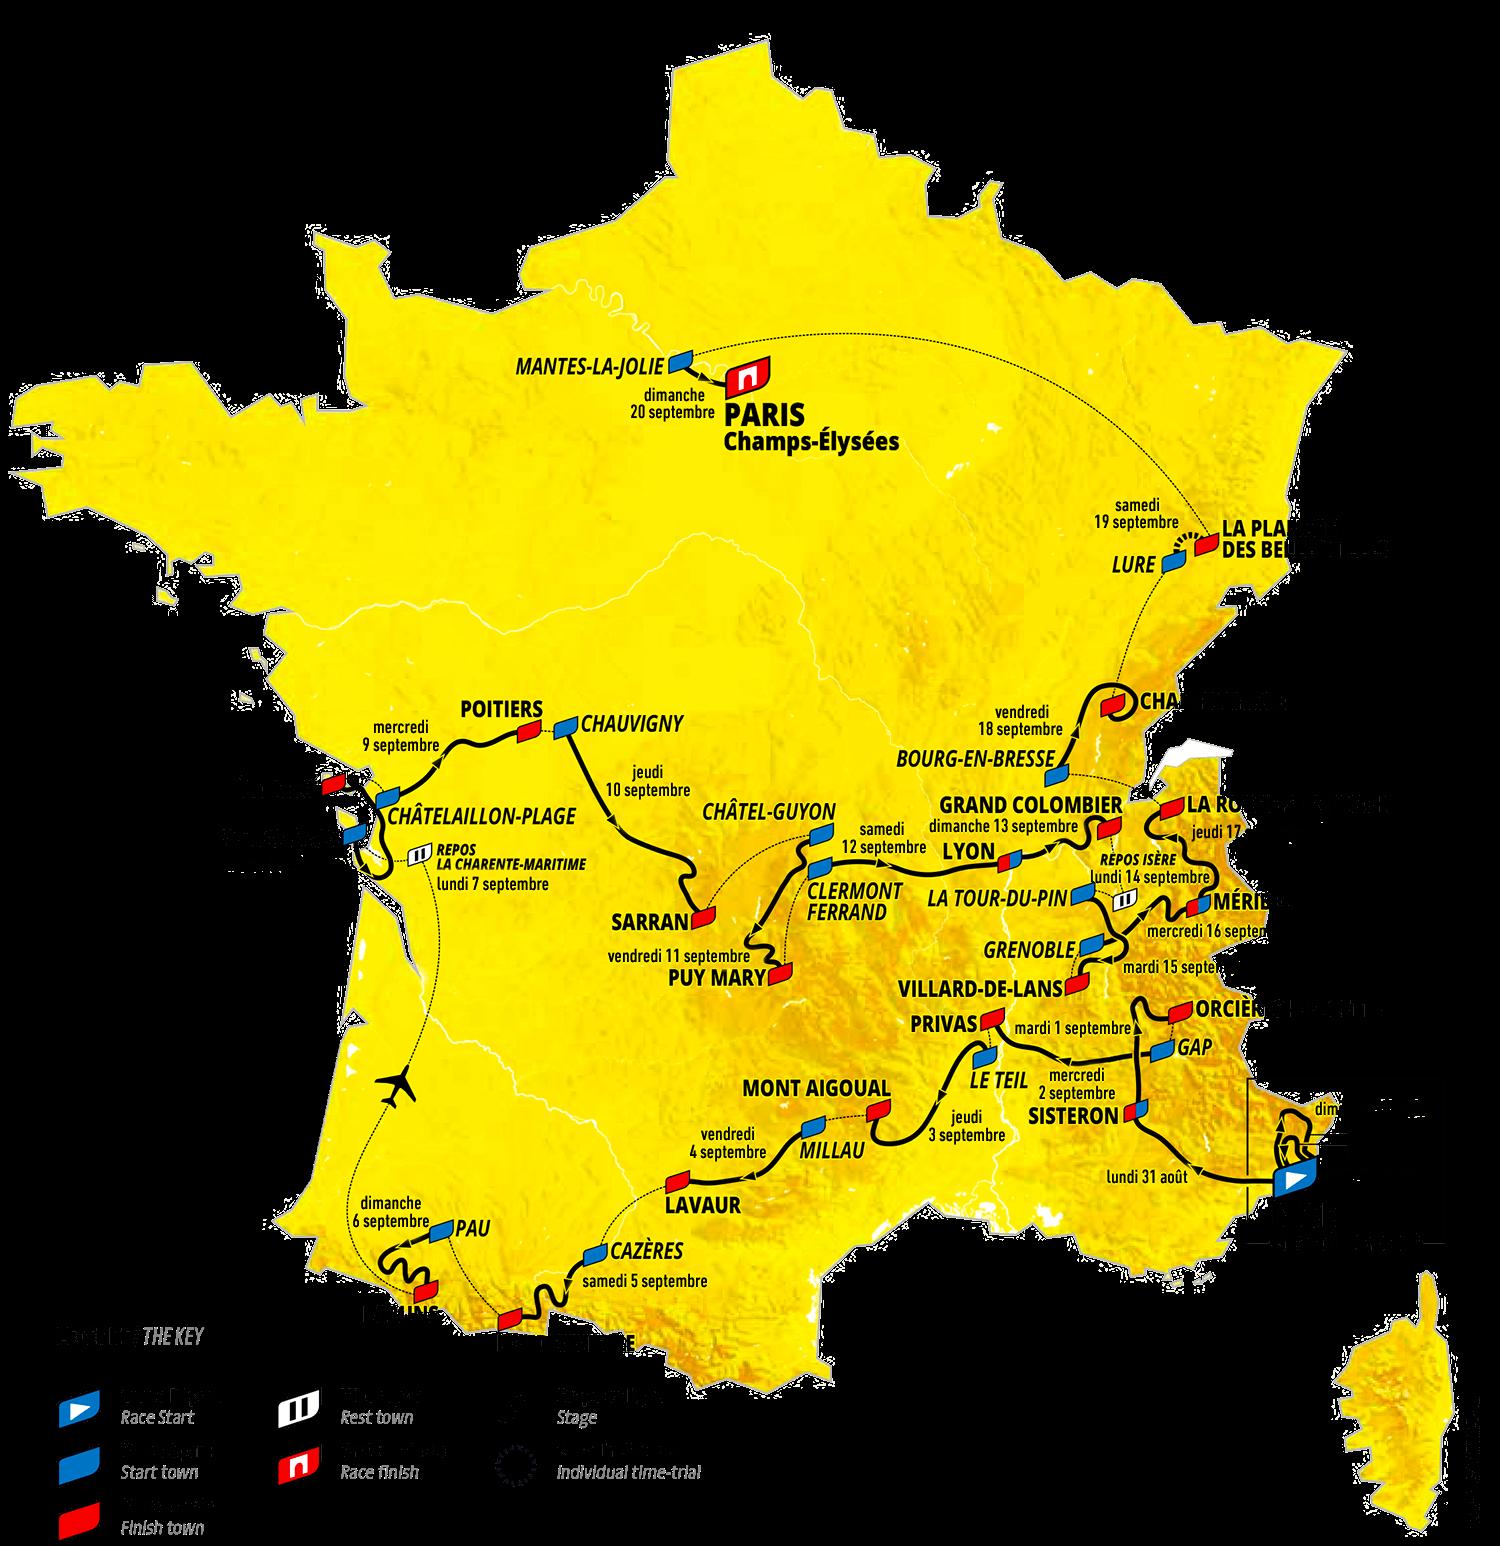 Il percorso del Tour de France 2020 : tappe, nuove date, città e profili dal 29 agosto al 20 settembre 2020